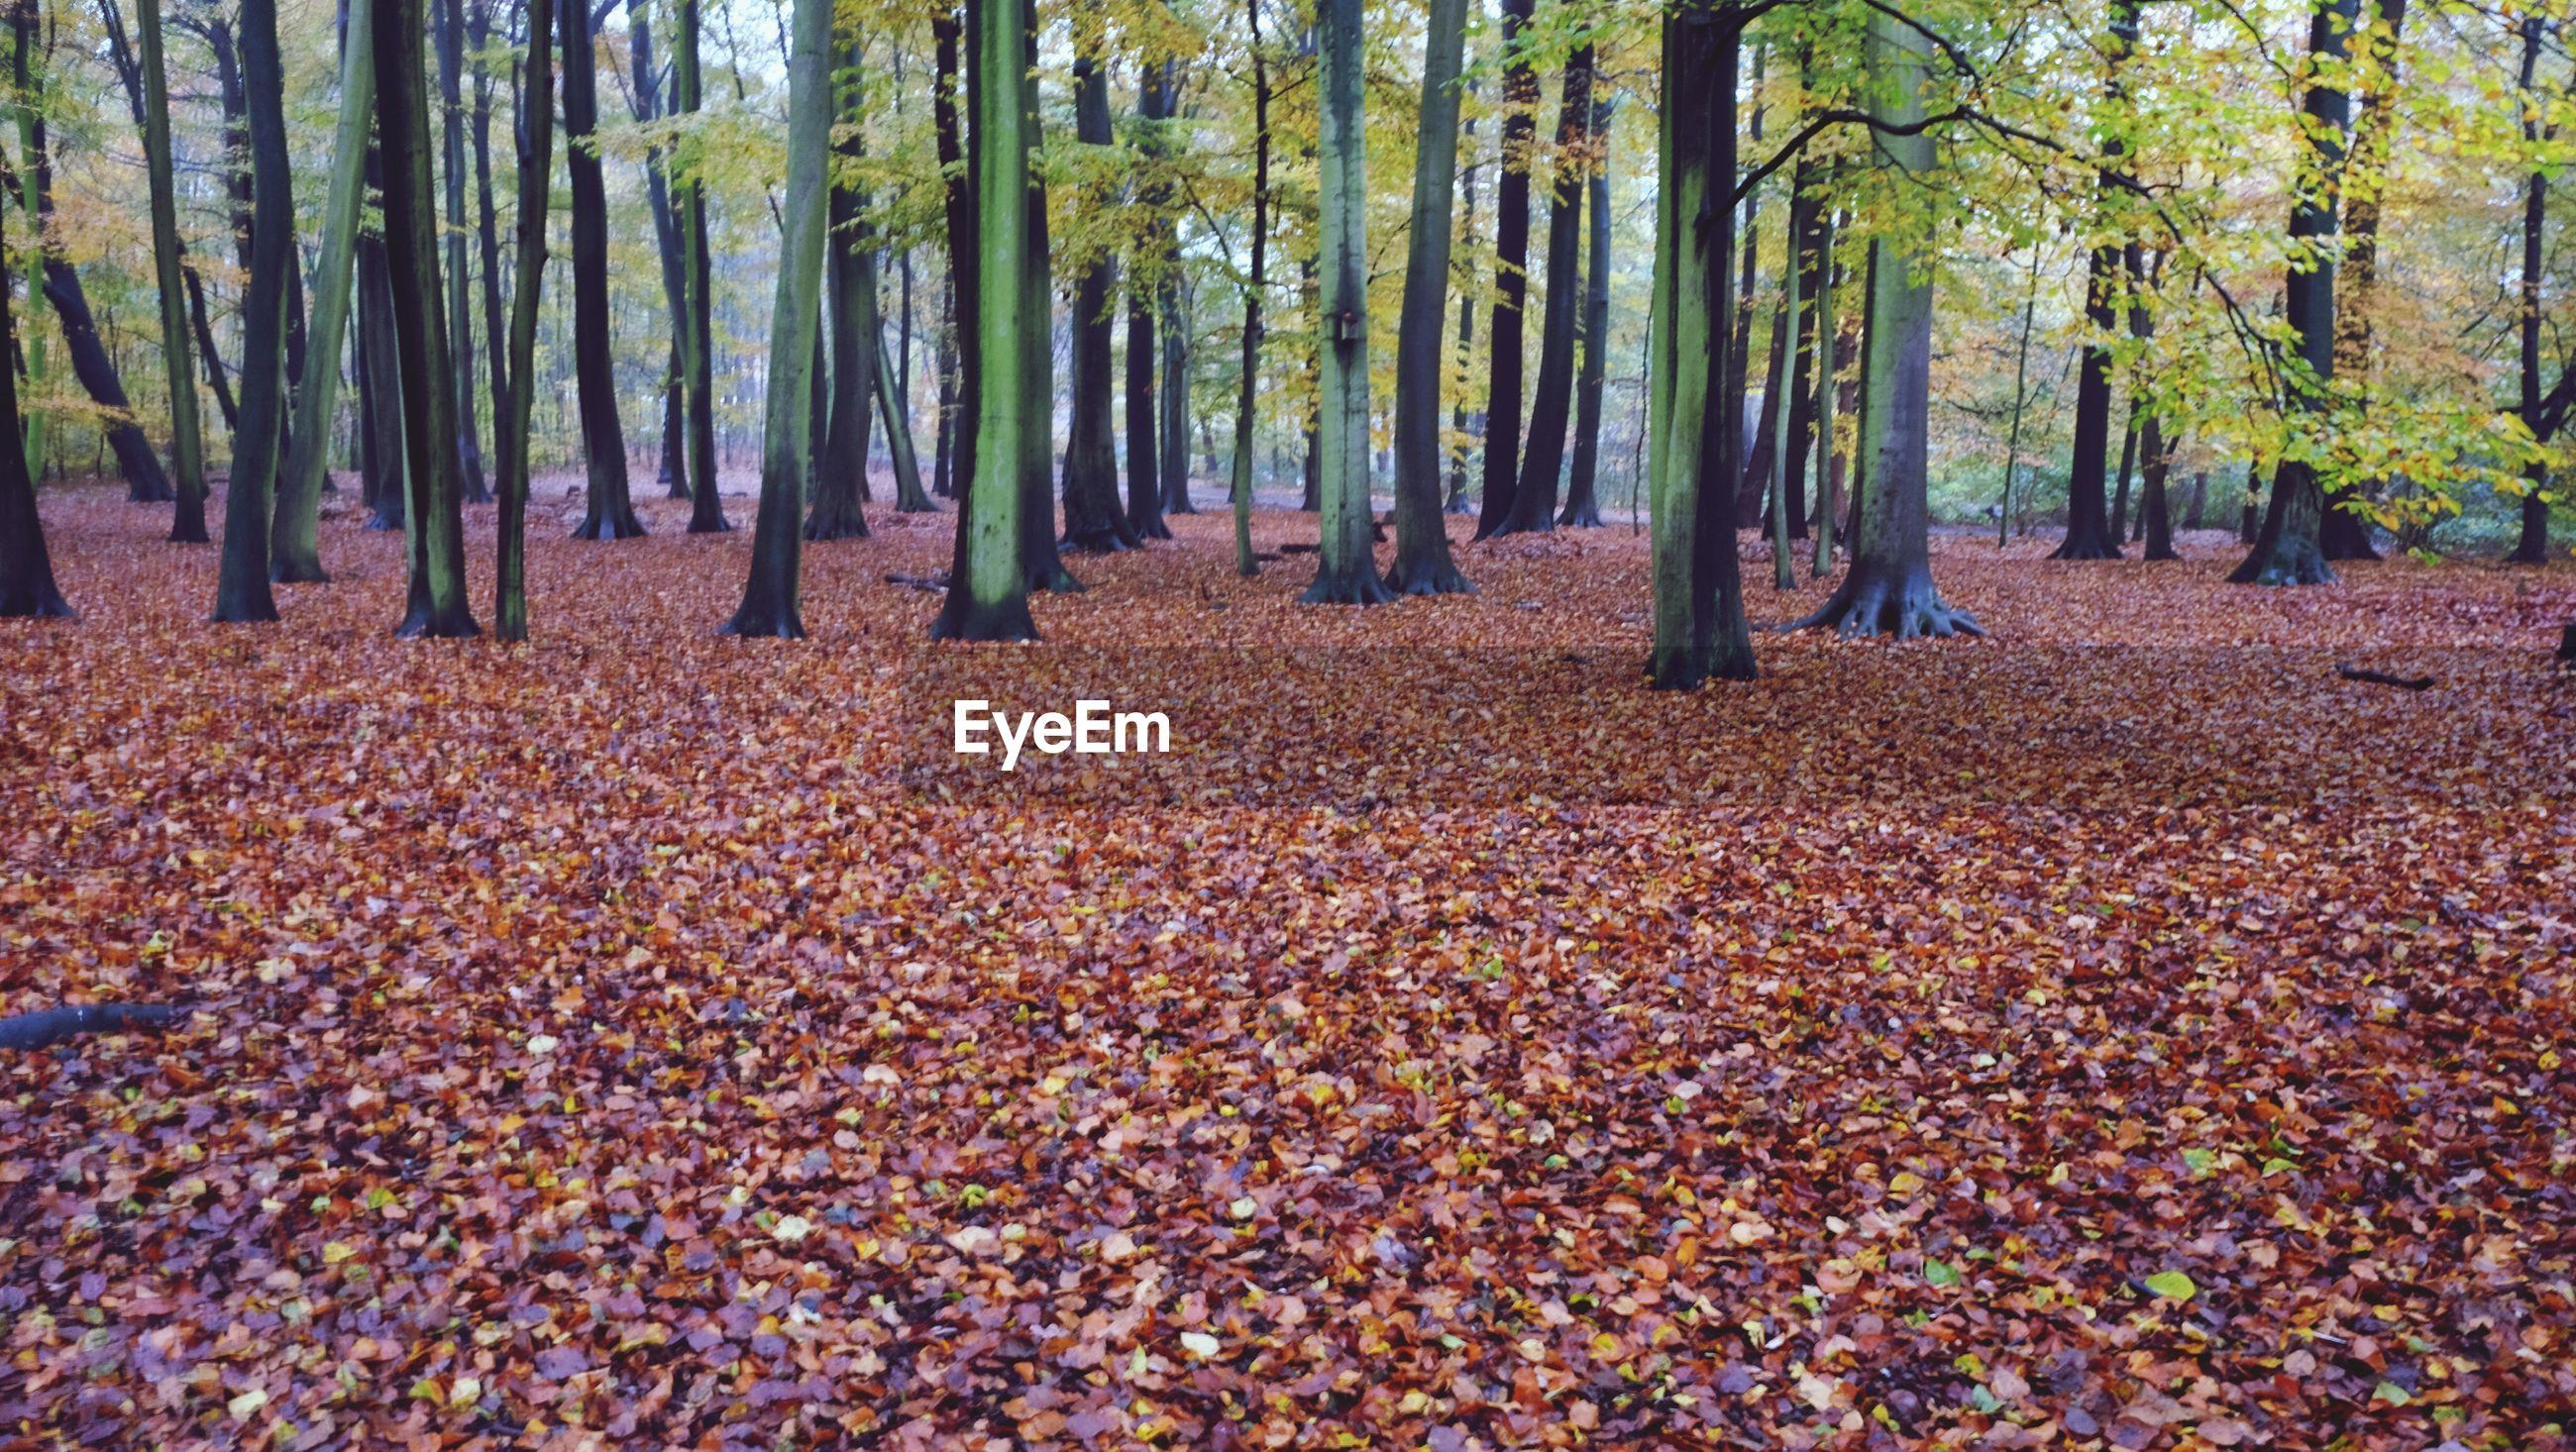 SCENIC VIEW OF AUTUMN TREE